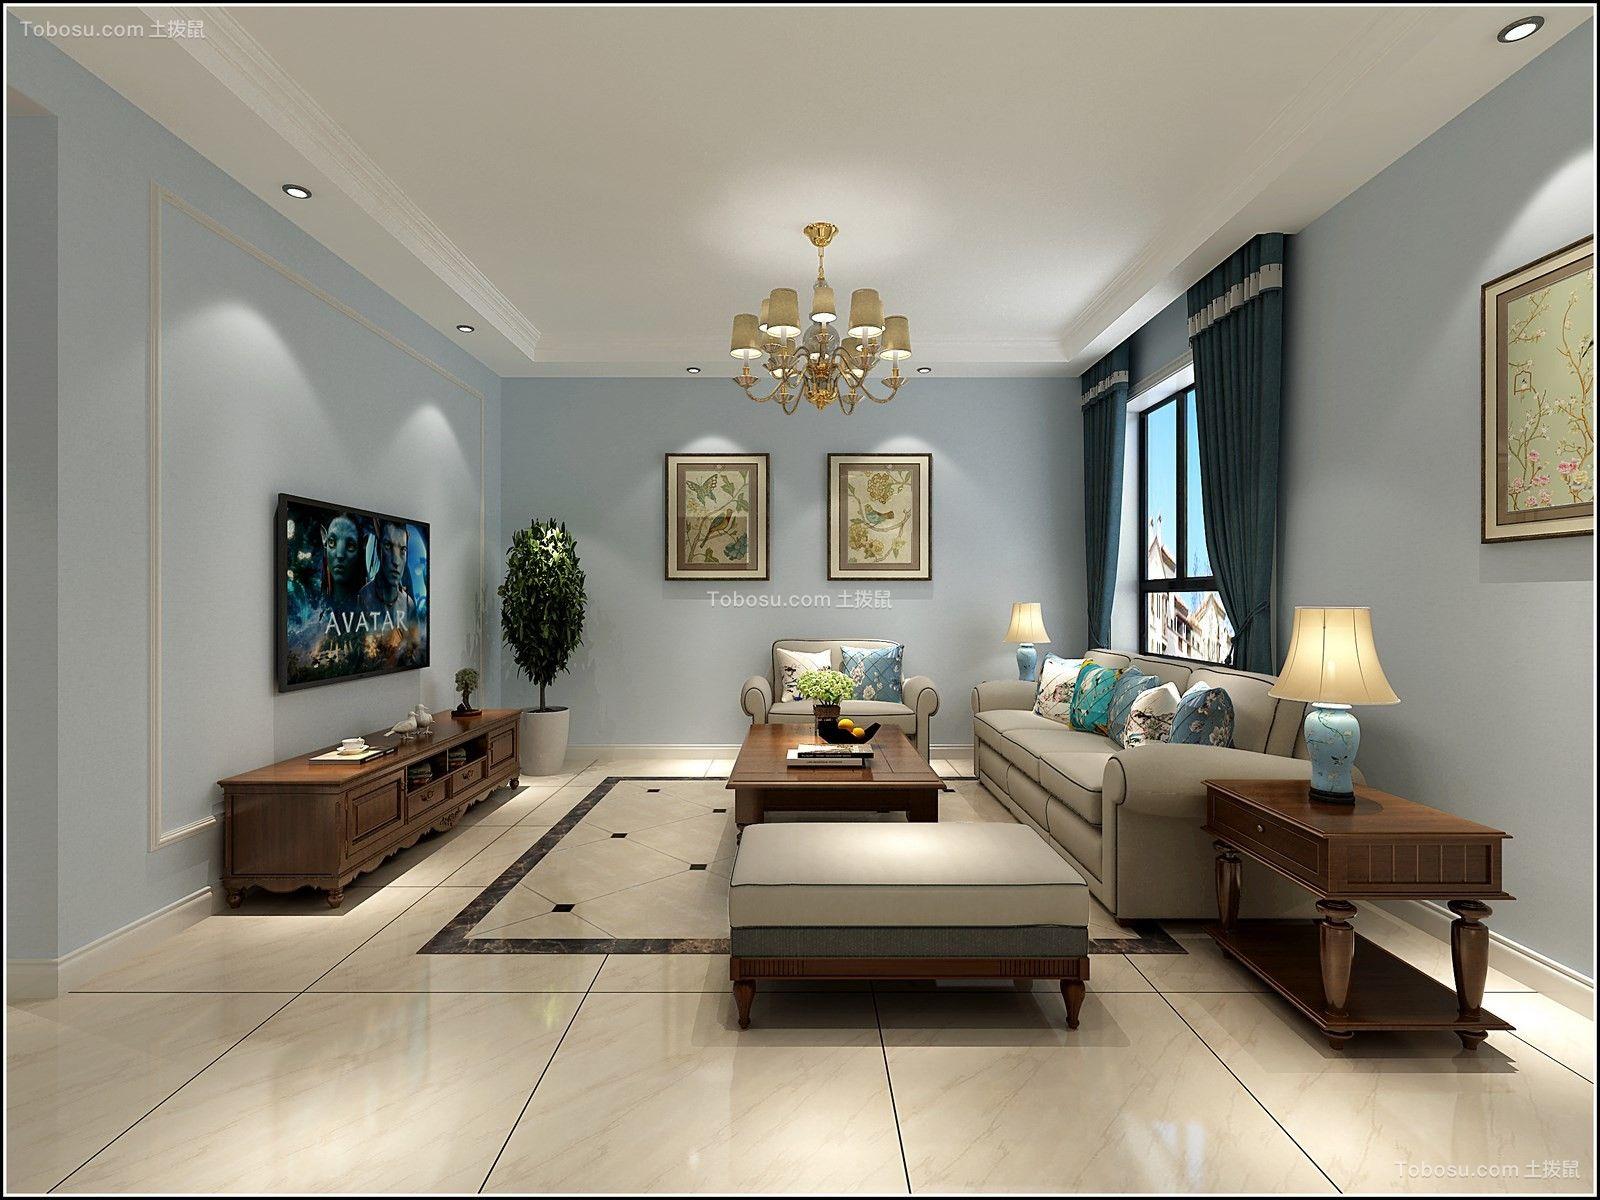 太原市榆次首创国际135平简欧装饰风格